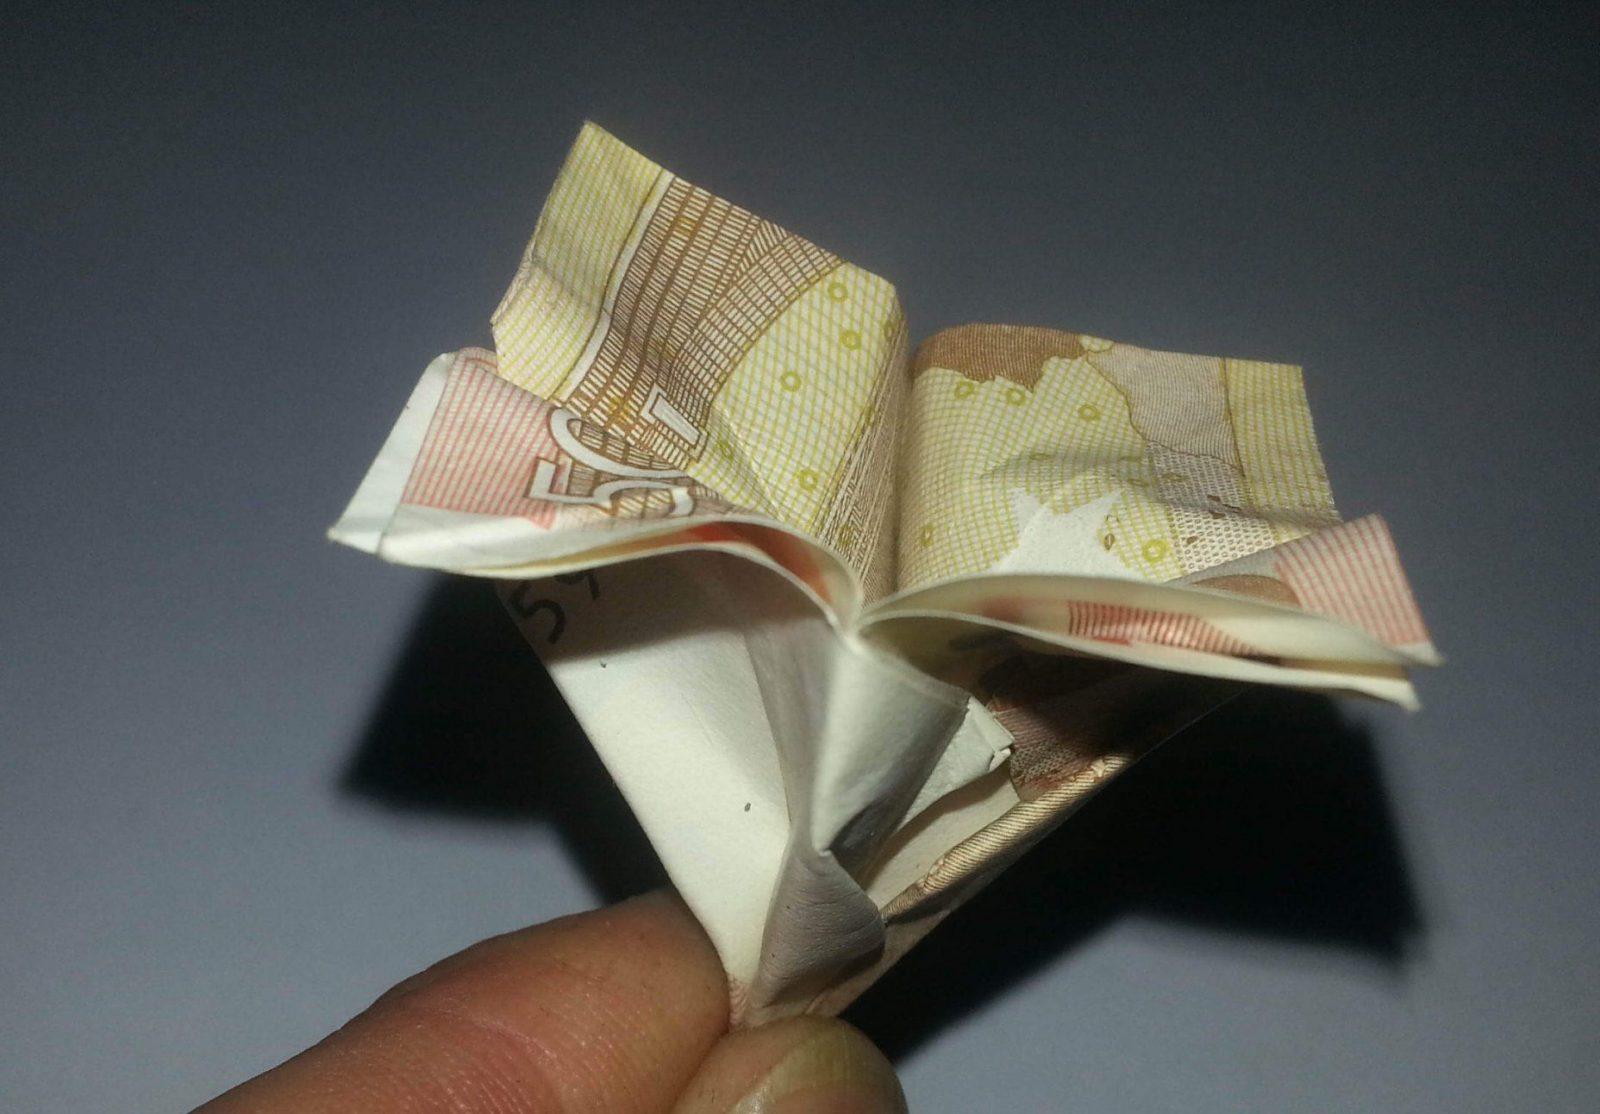 Blume Aus Einem Geldschein Falten Origami Mit Geldscheinen Avec von Geldschein In Herz Falten Photo